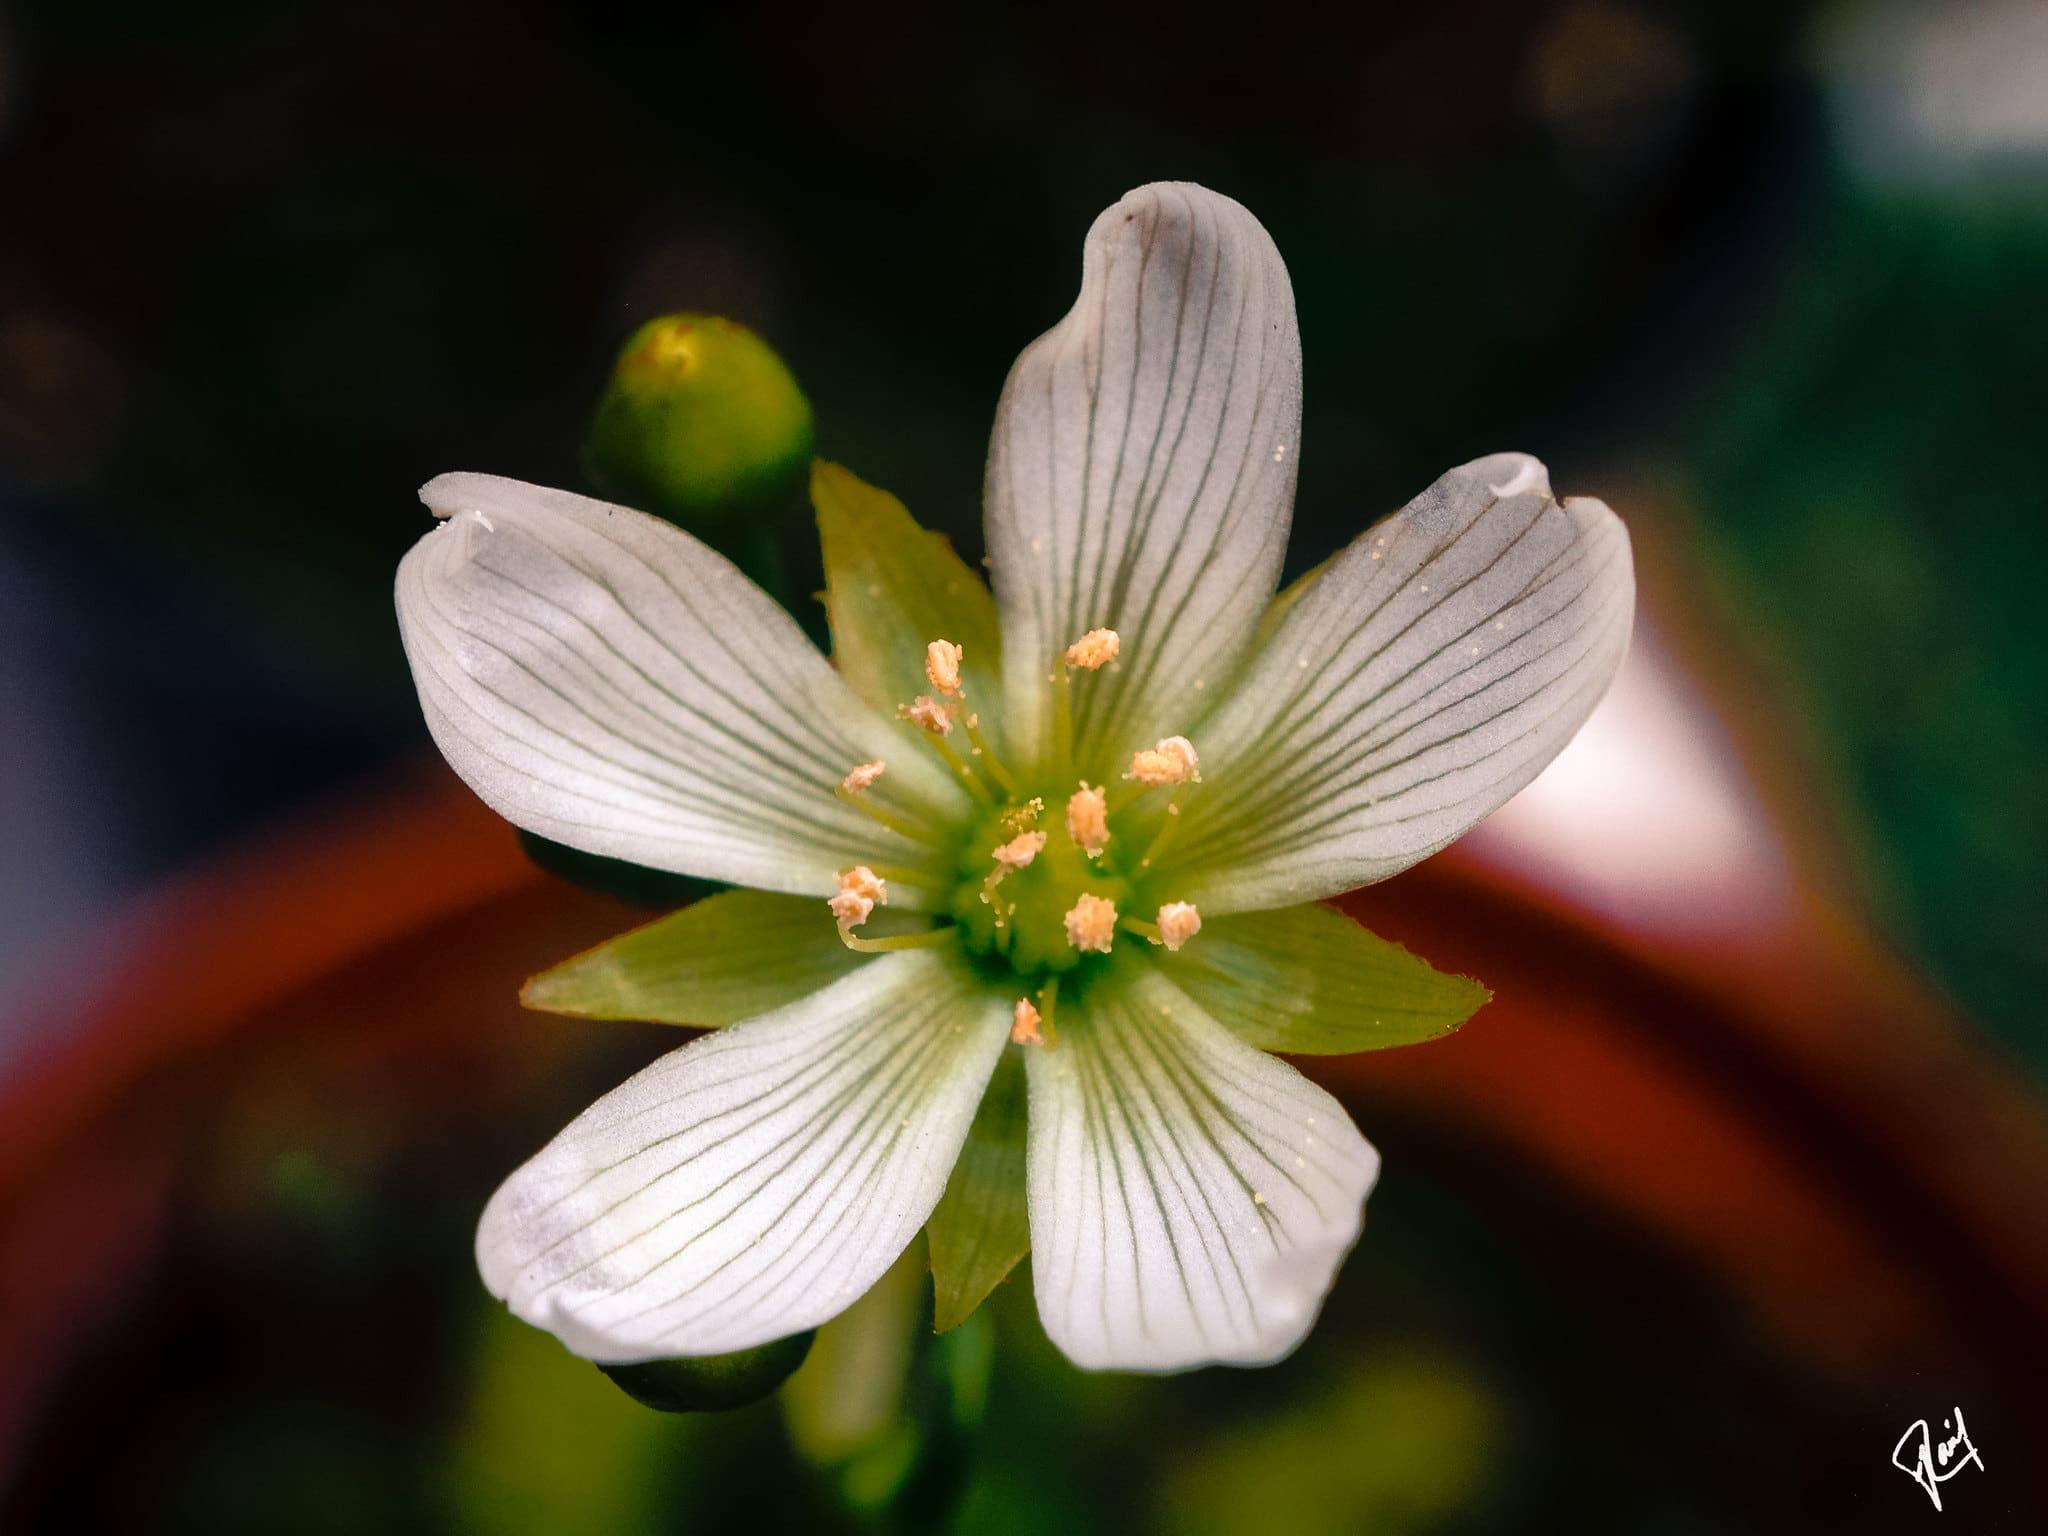 La flor de la venus atrapamoscas es blanca